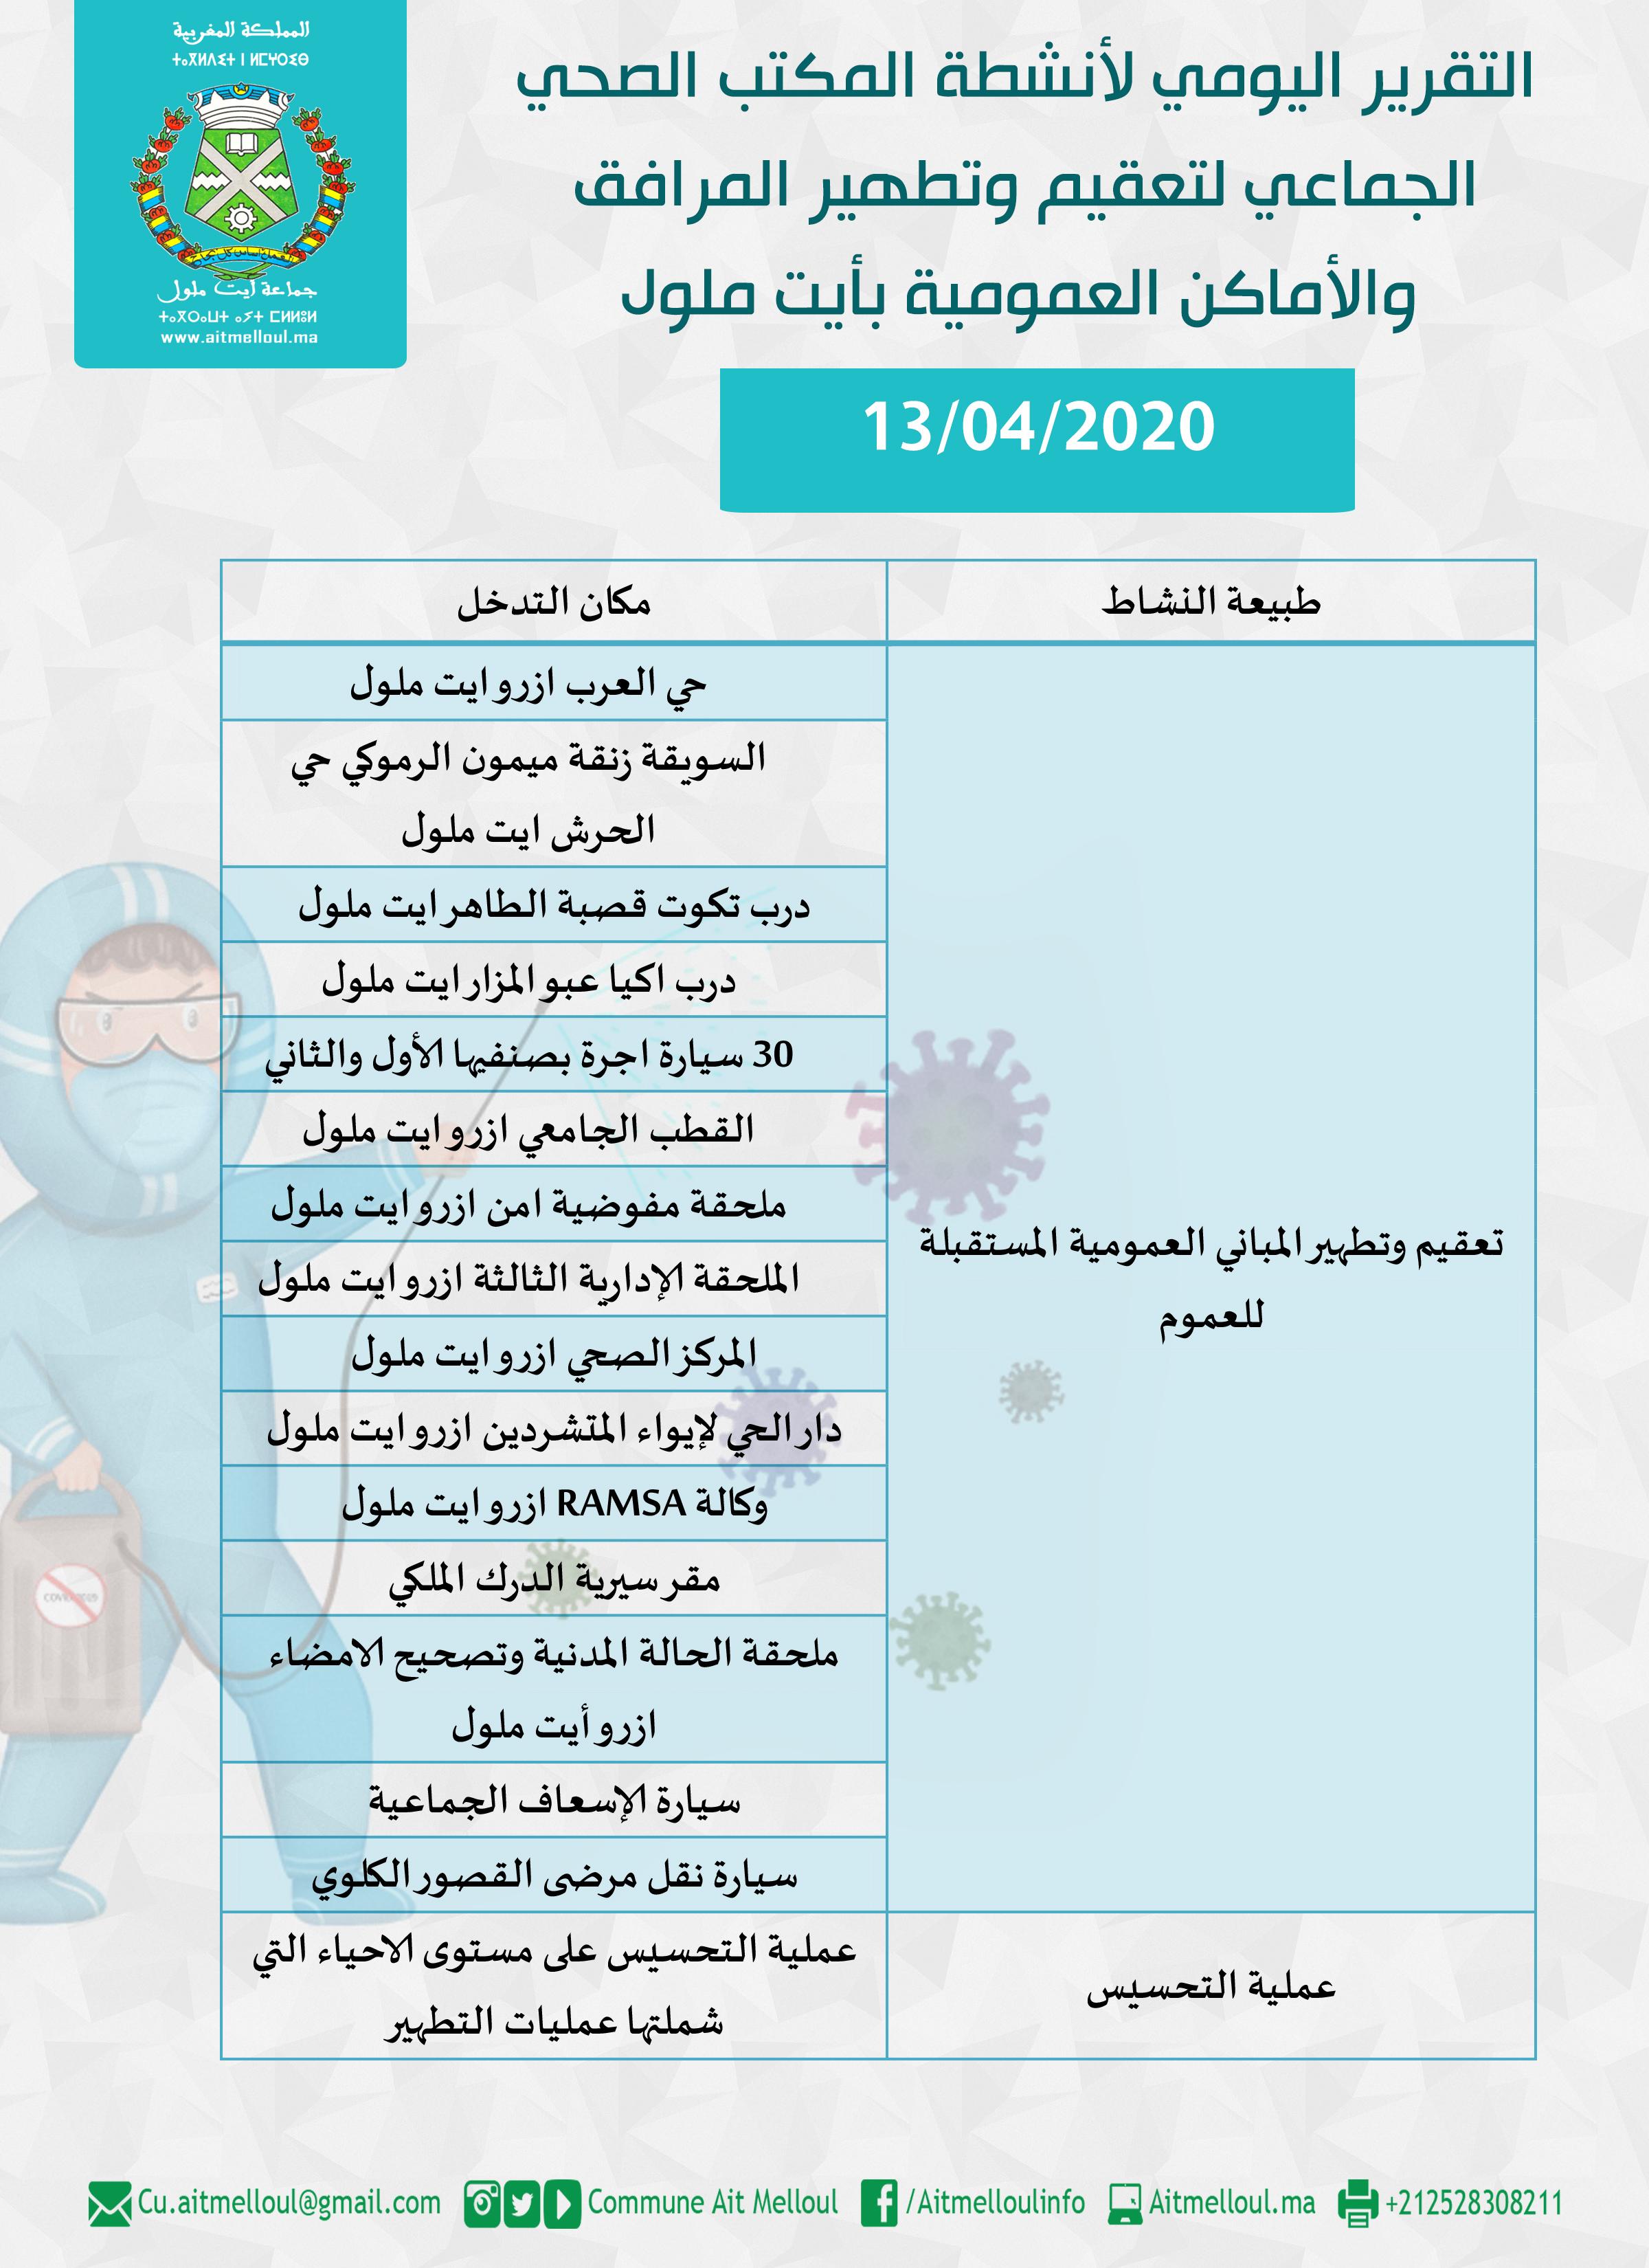 التقرير اليومي لأنشطة المكتب الصحي الجماعي لتعقيم وتطهير المرافق  والأماكن العمومية بأيت ملول من 13 إلى 19 أبريل 2020